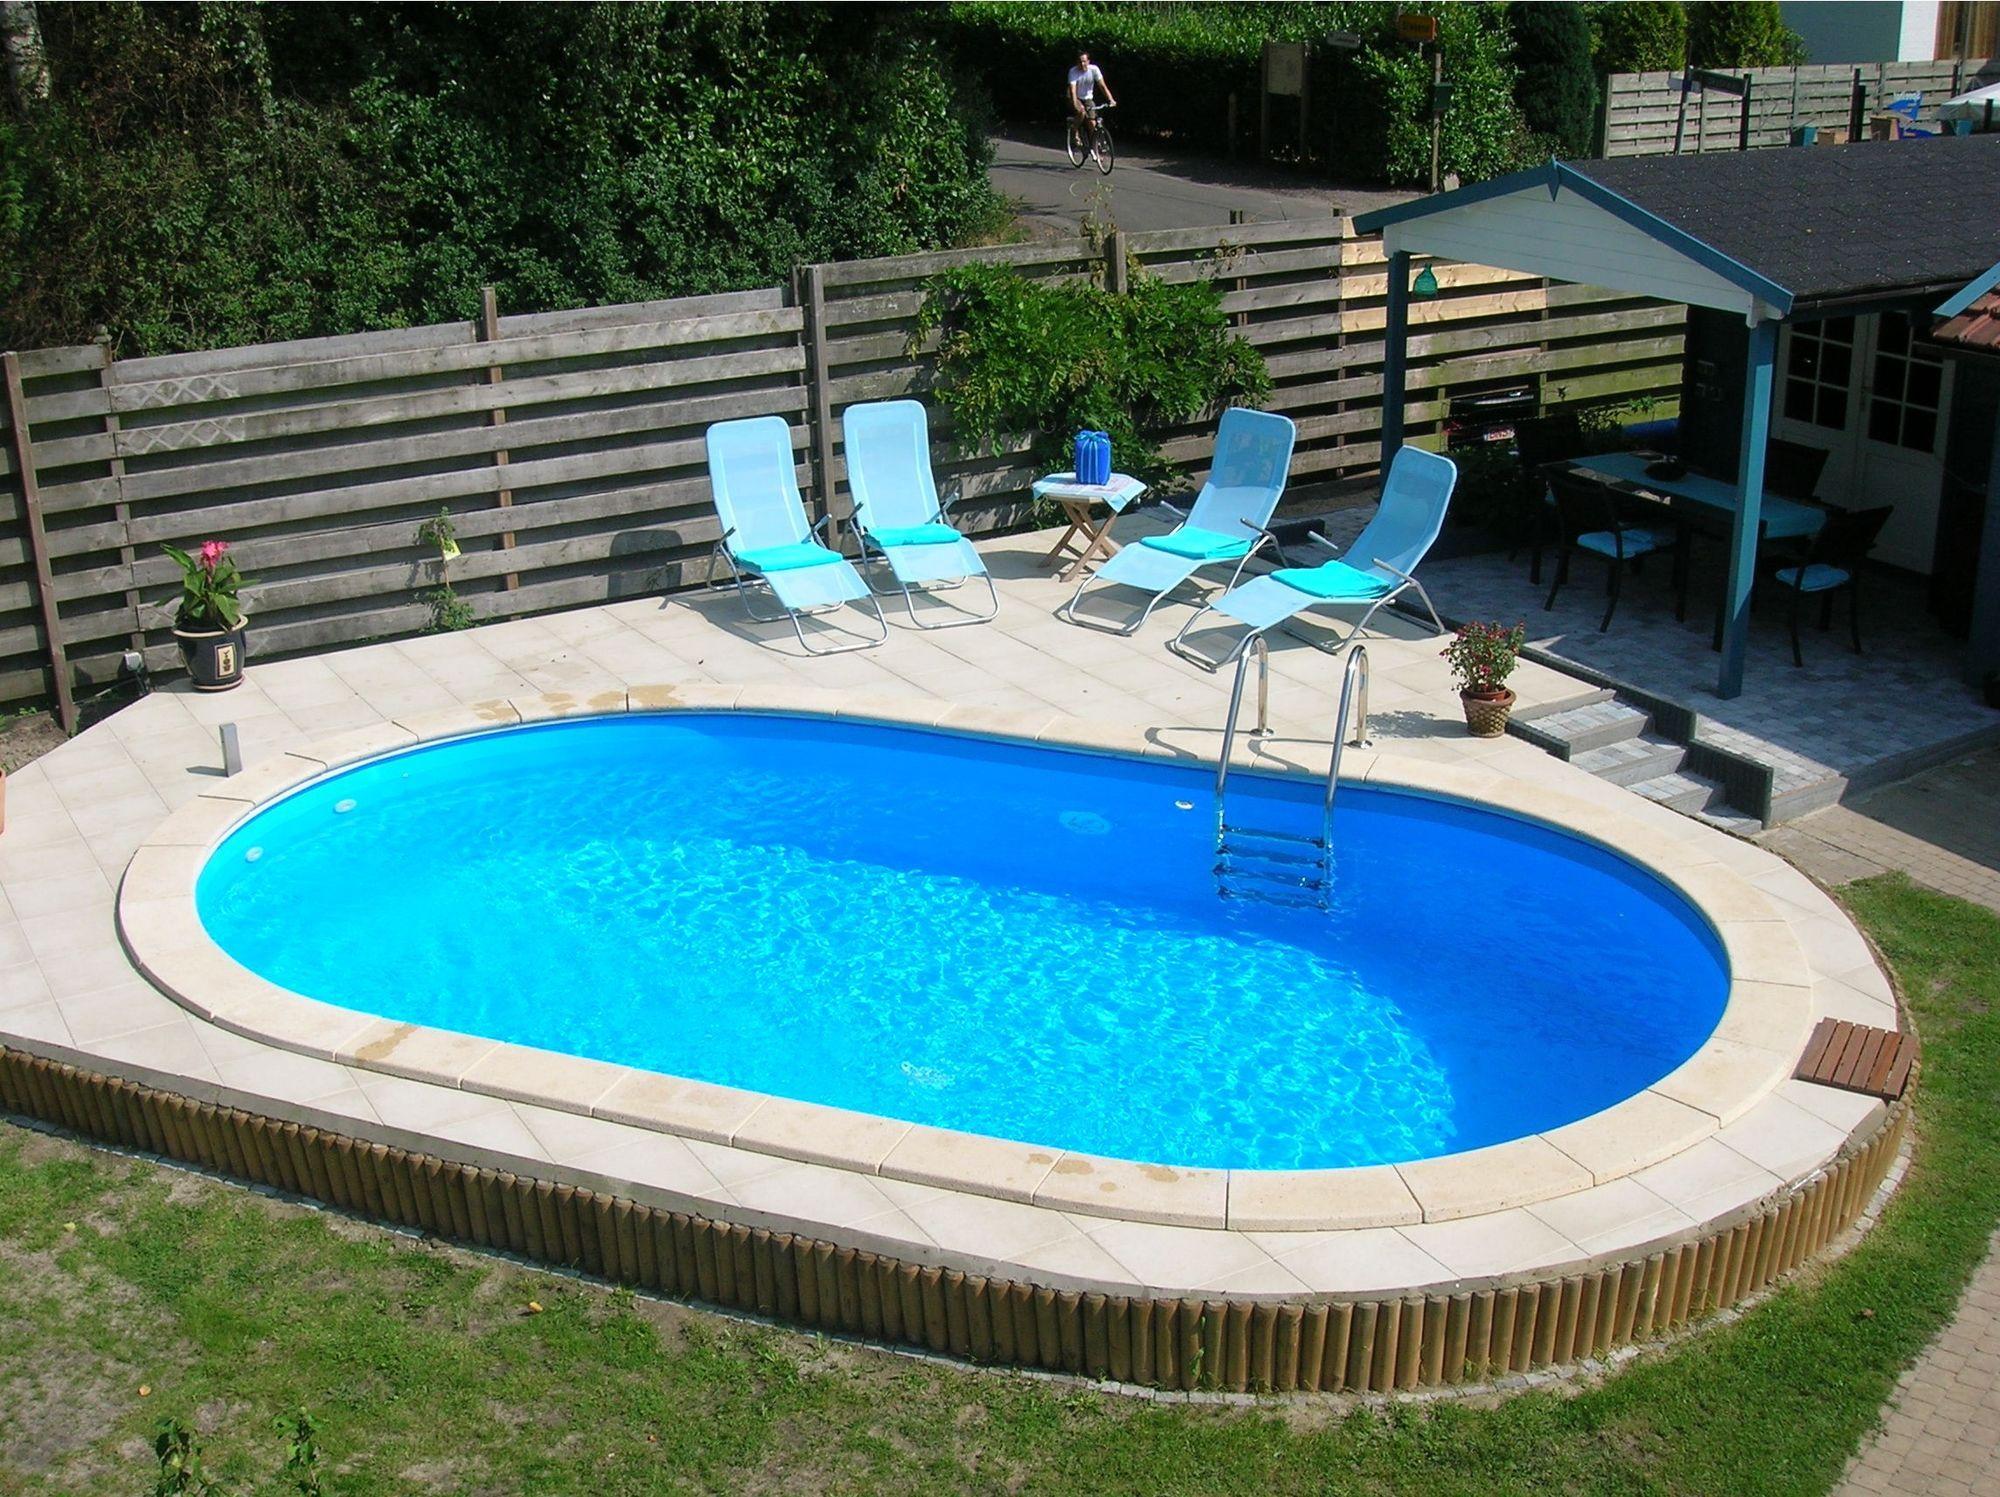 Afbeelding van Happy Pool Ovaal Metalen Zwembad 488 x 300 cm (hoogte 135cm)